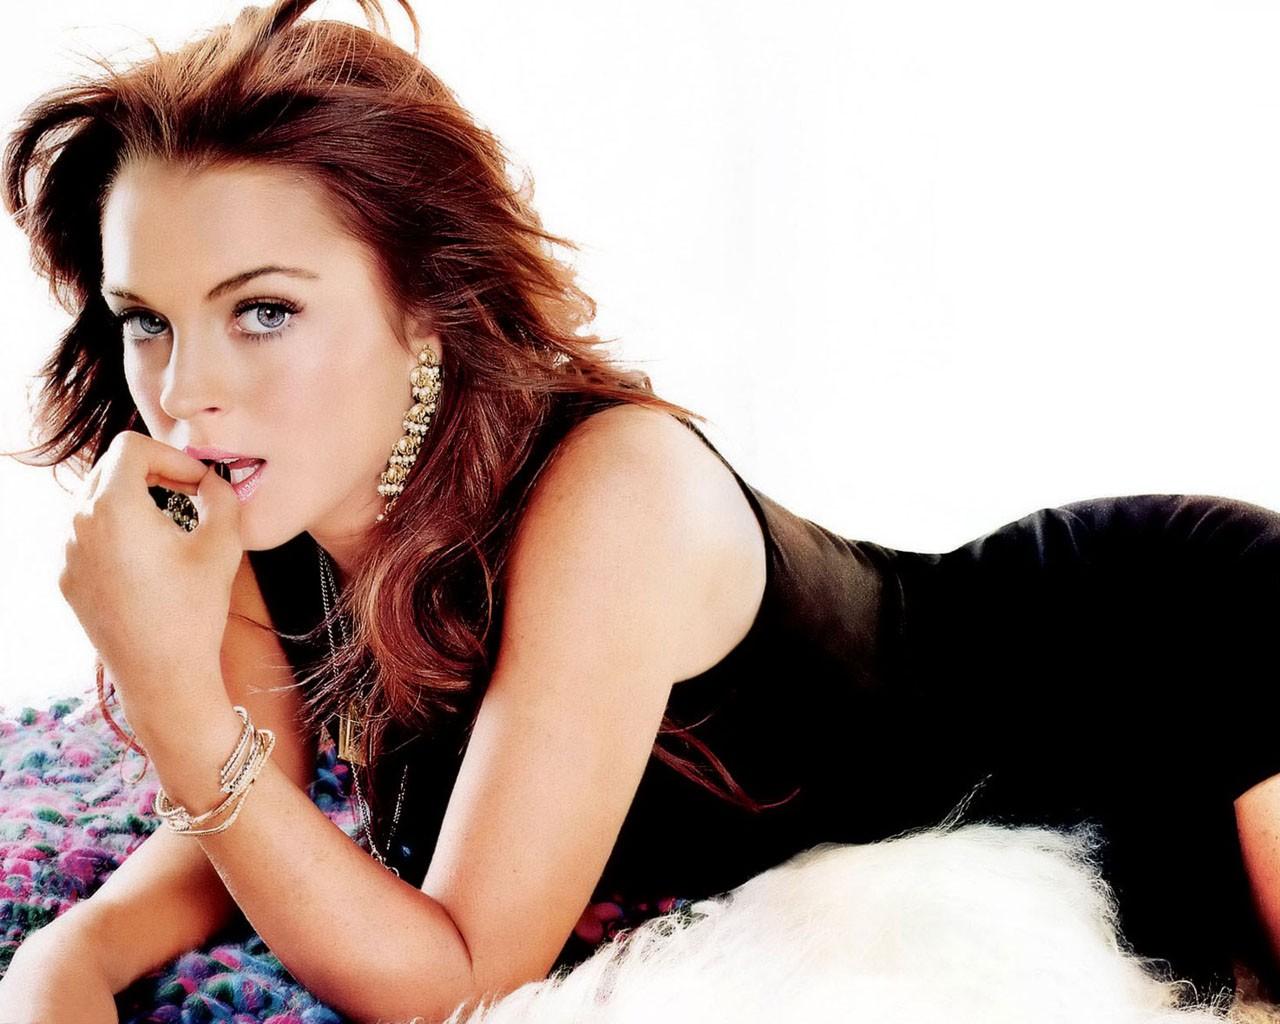 http://4.bp.blogspot.com/-OYb1Q7FF9Fc/UNyaX4K-VtI/AAAAAAAABvE/V-Ov43KyGzI/s1600/Lindsay_Lohan.jpg